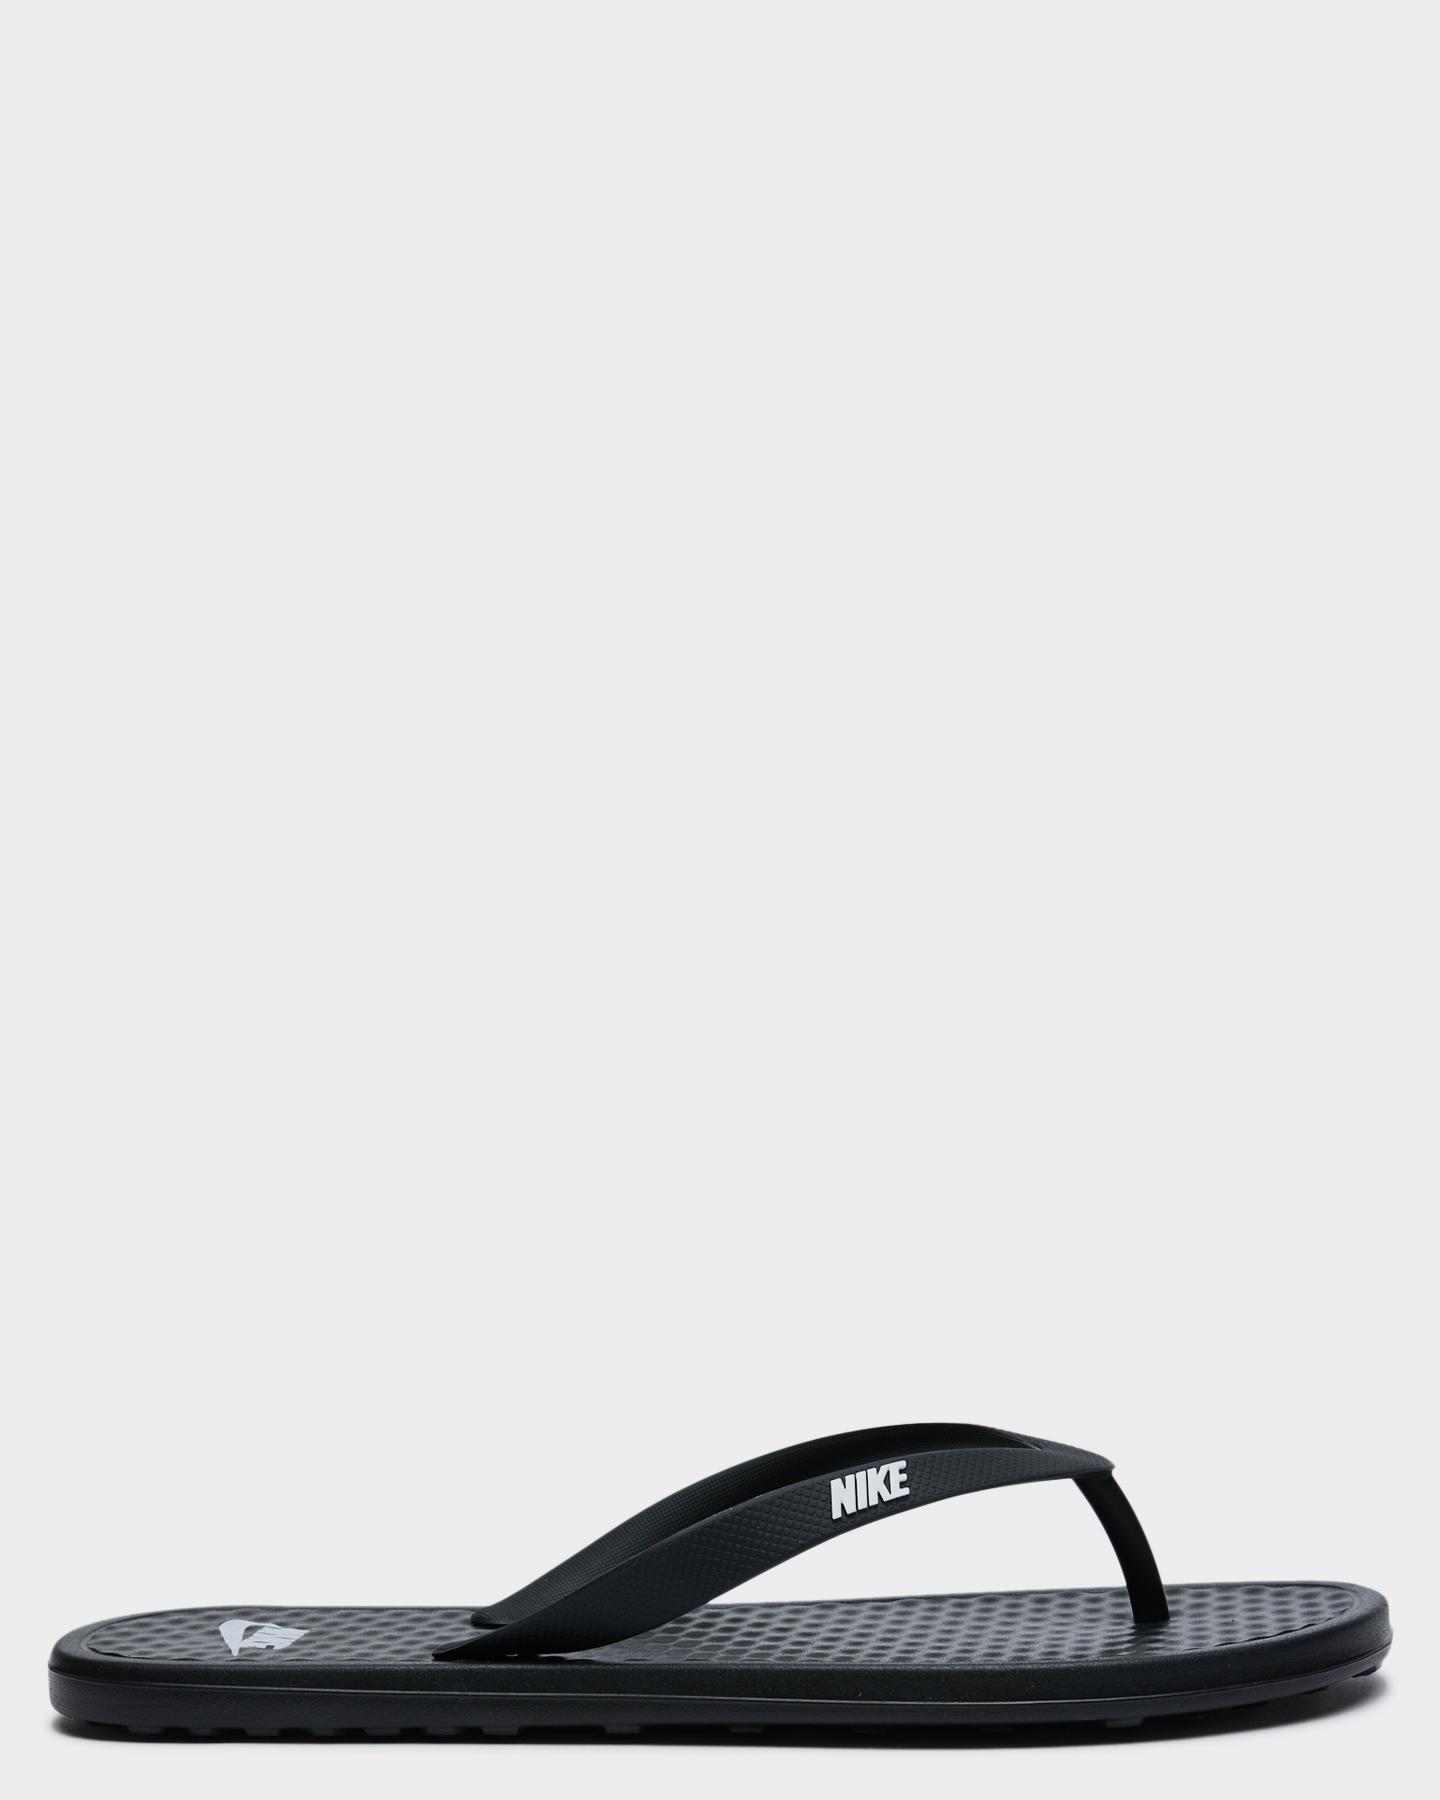 Nike On Deck Flip Flop Black